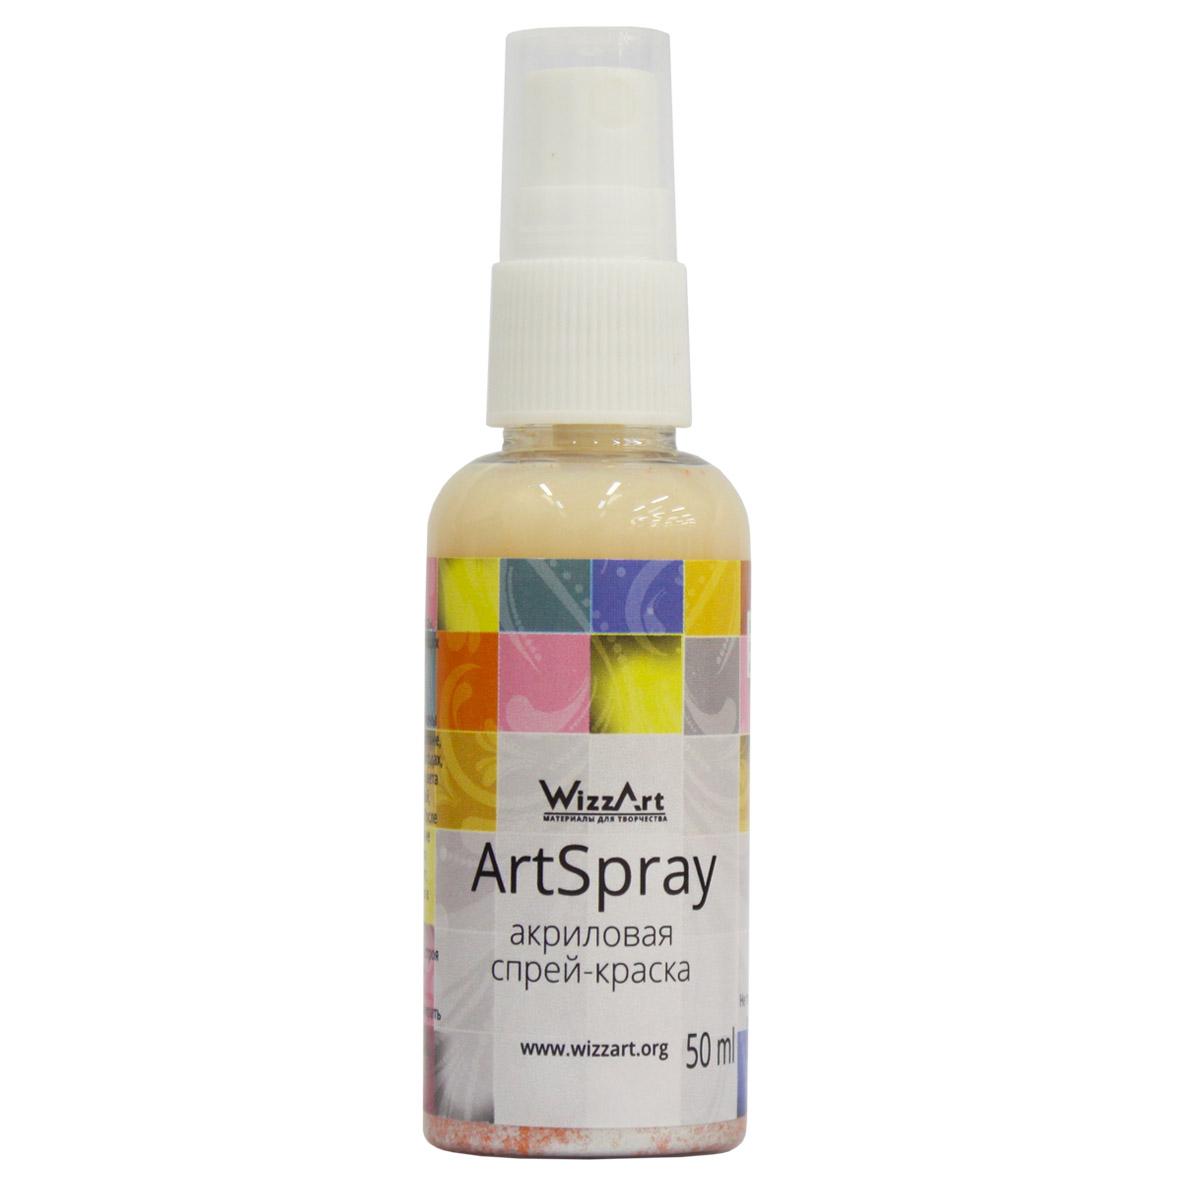 Краска-спрей акриловая Wizzart ArtSpray, цвет: абрикосовый мусс перламутровый, 50 млГл_7169